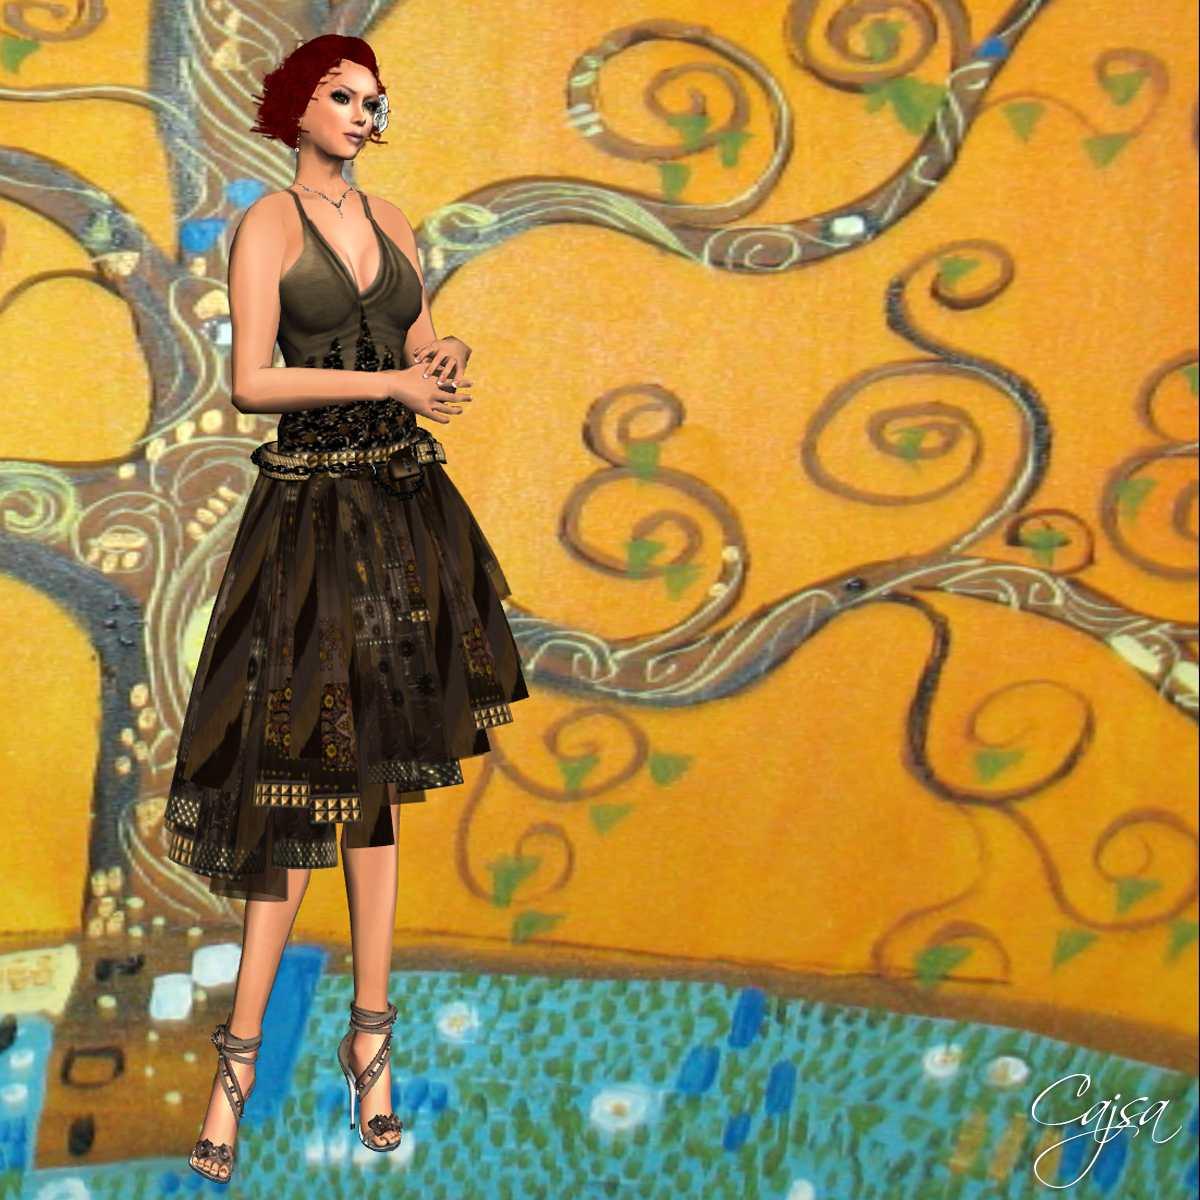 Design cents the art of art nouveau - Art deco art nouveau ...